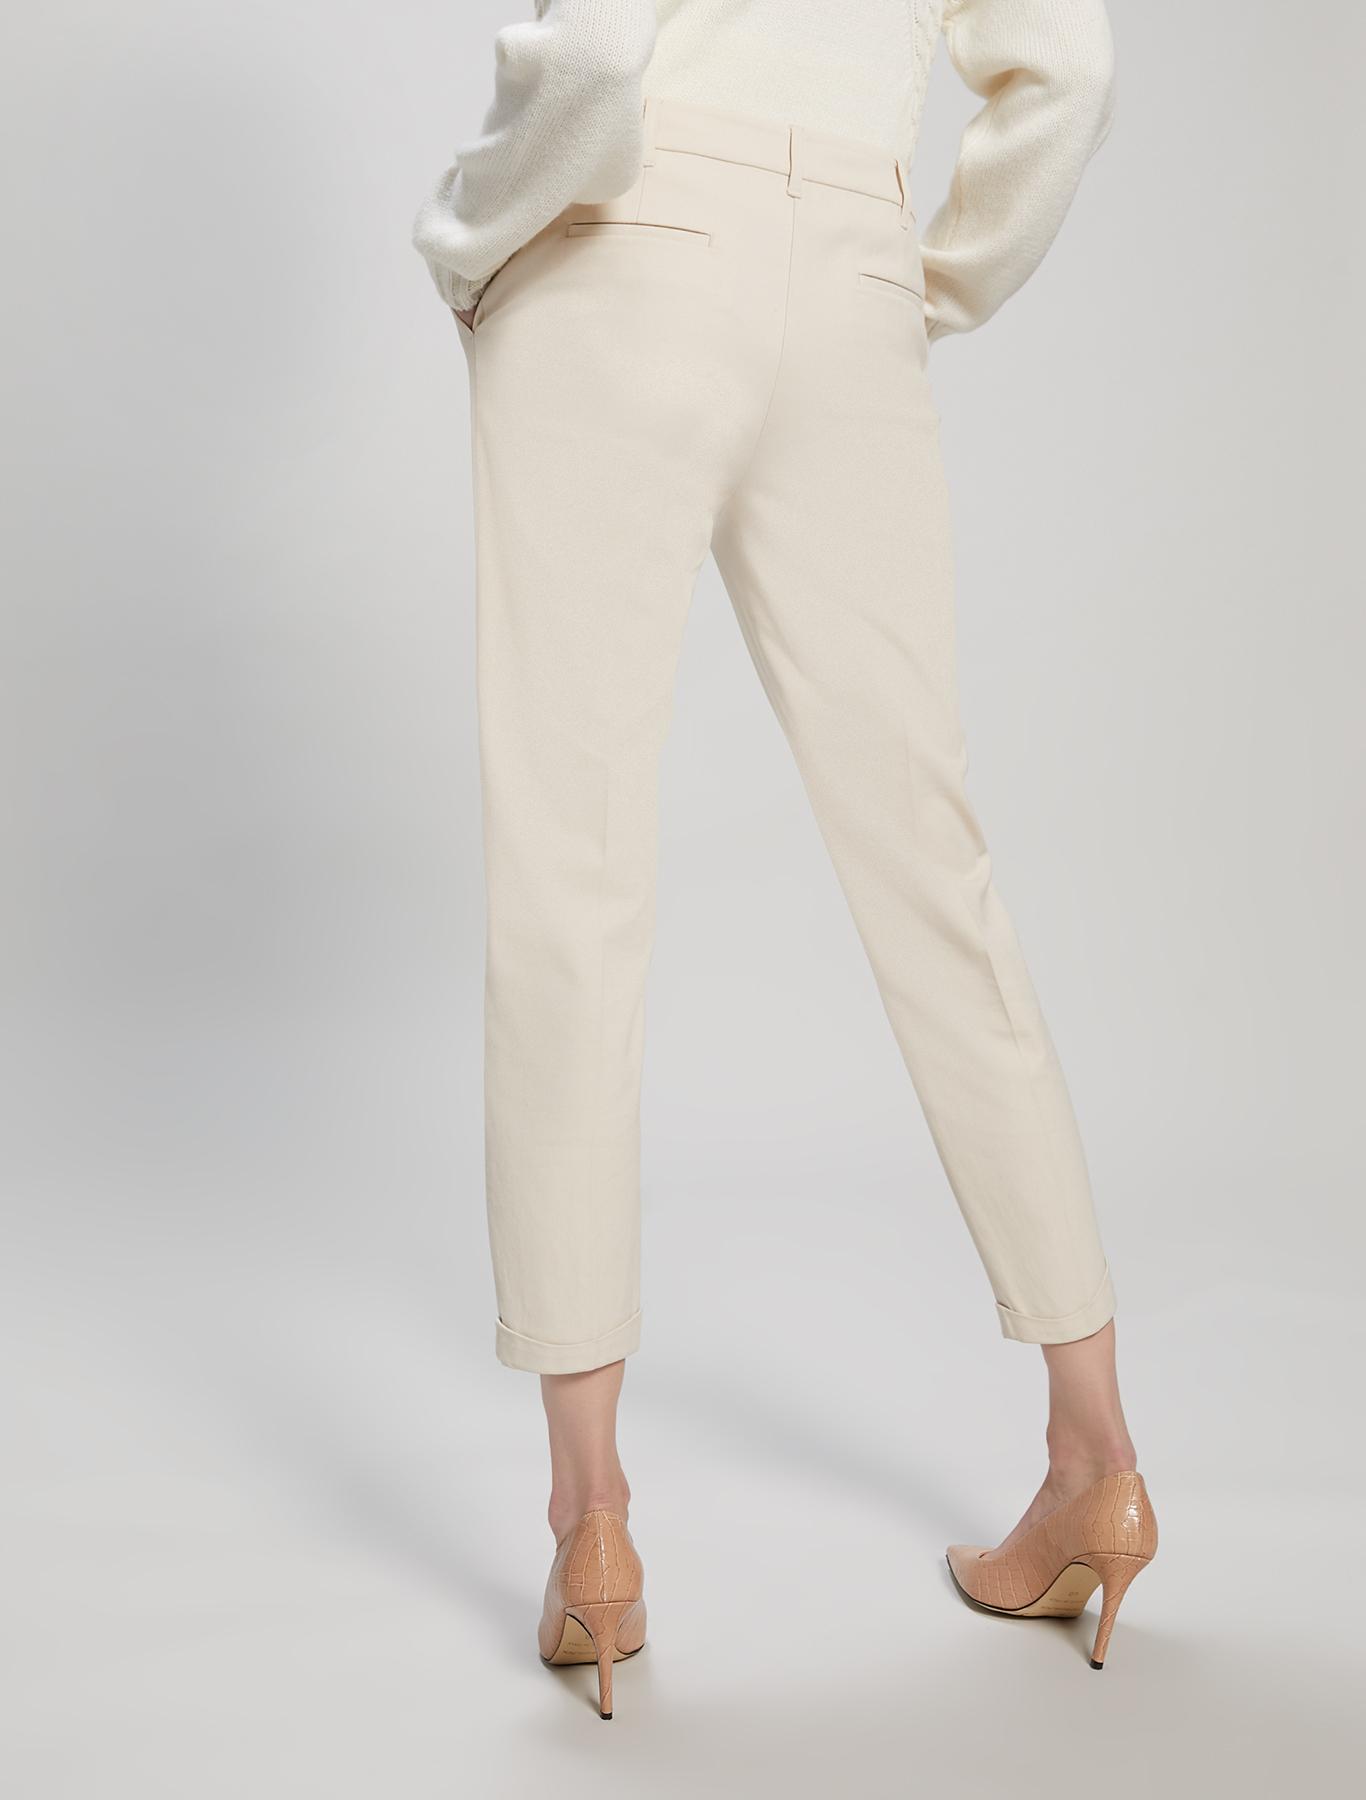 Pantaloni slim in tricotina - bianco avorio - pennyblack